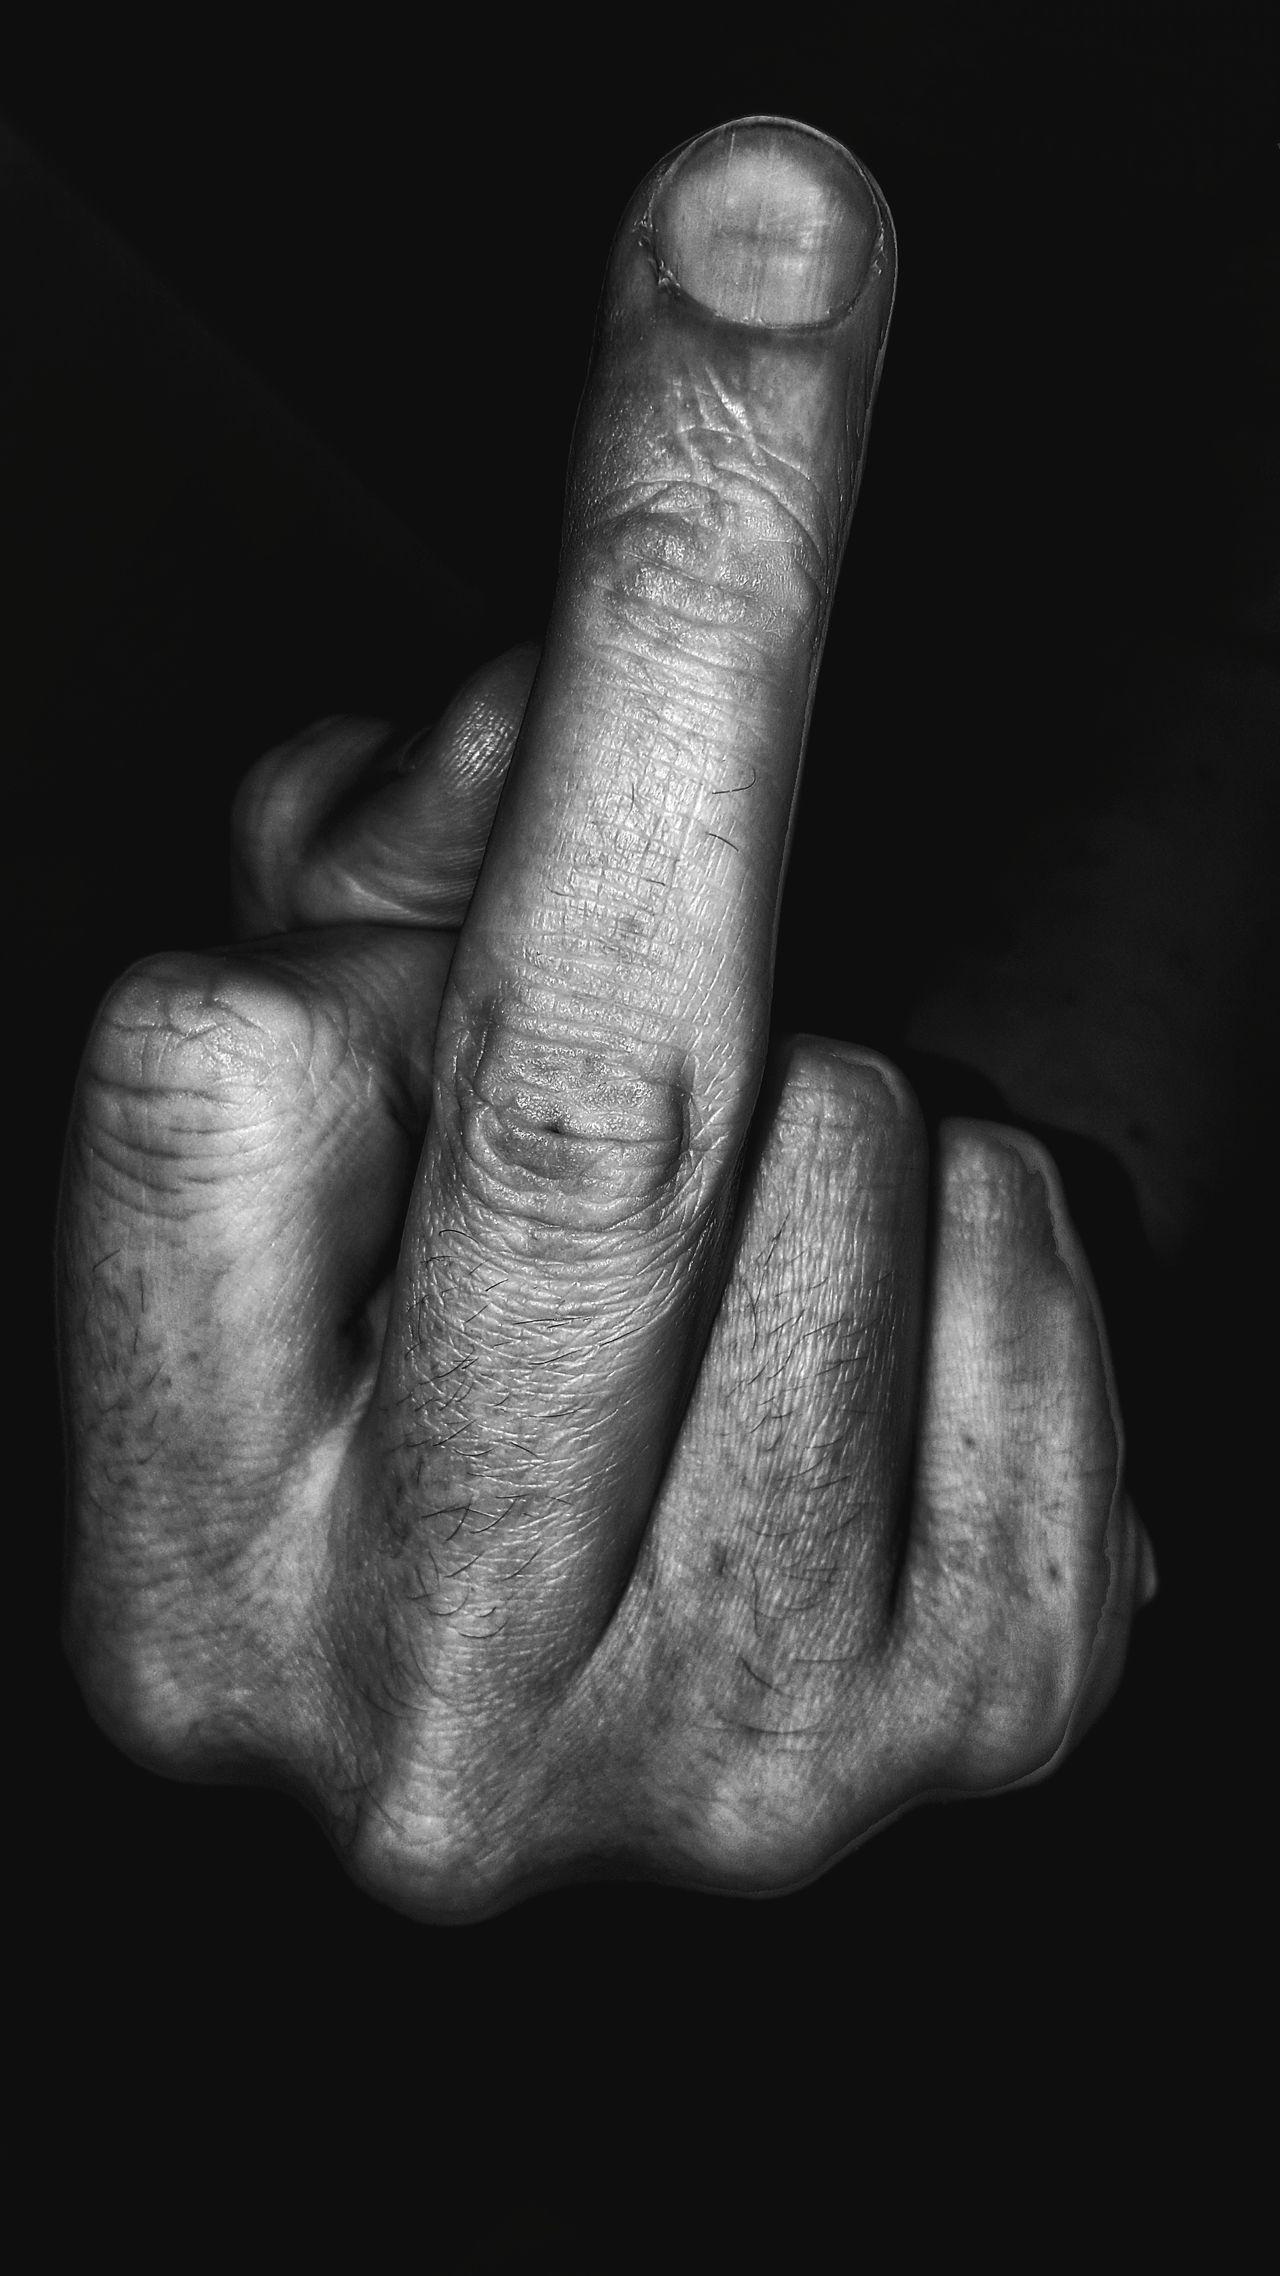 Human Finger Mittelfinger Mittelfinger Hoch Black Background Blackandwhite Dark Blackandwhite Photography